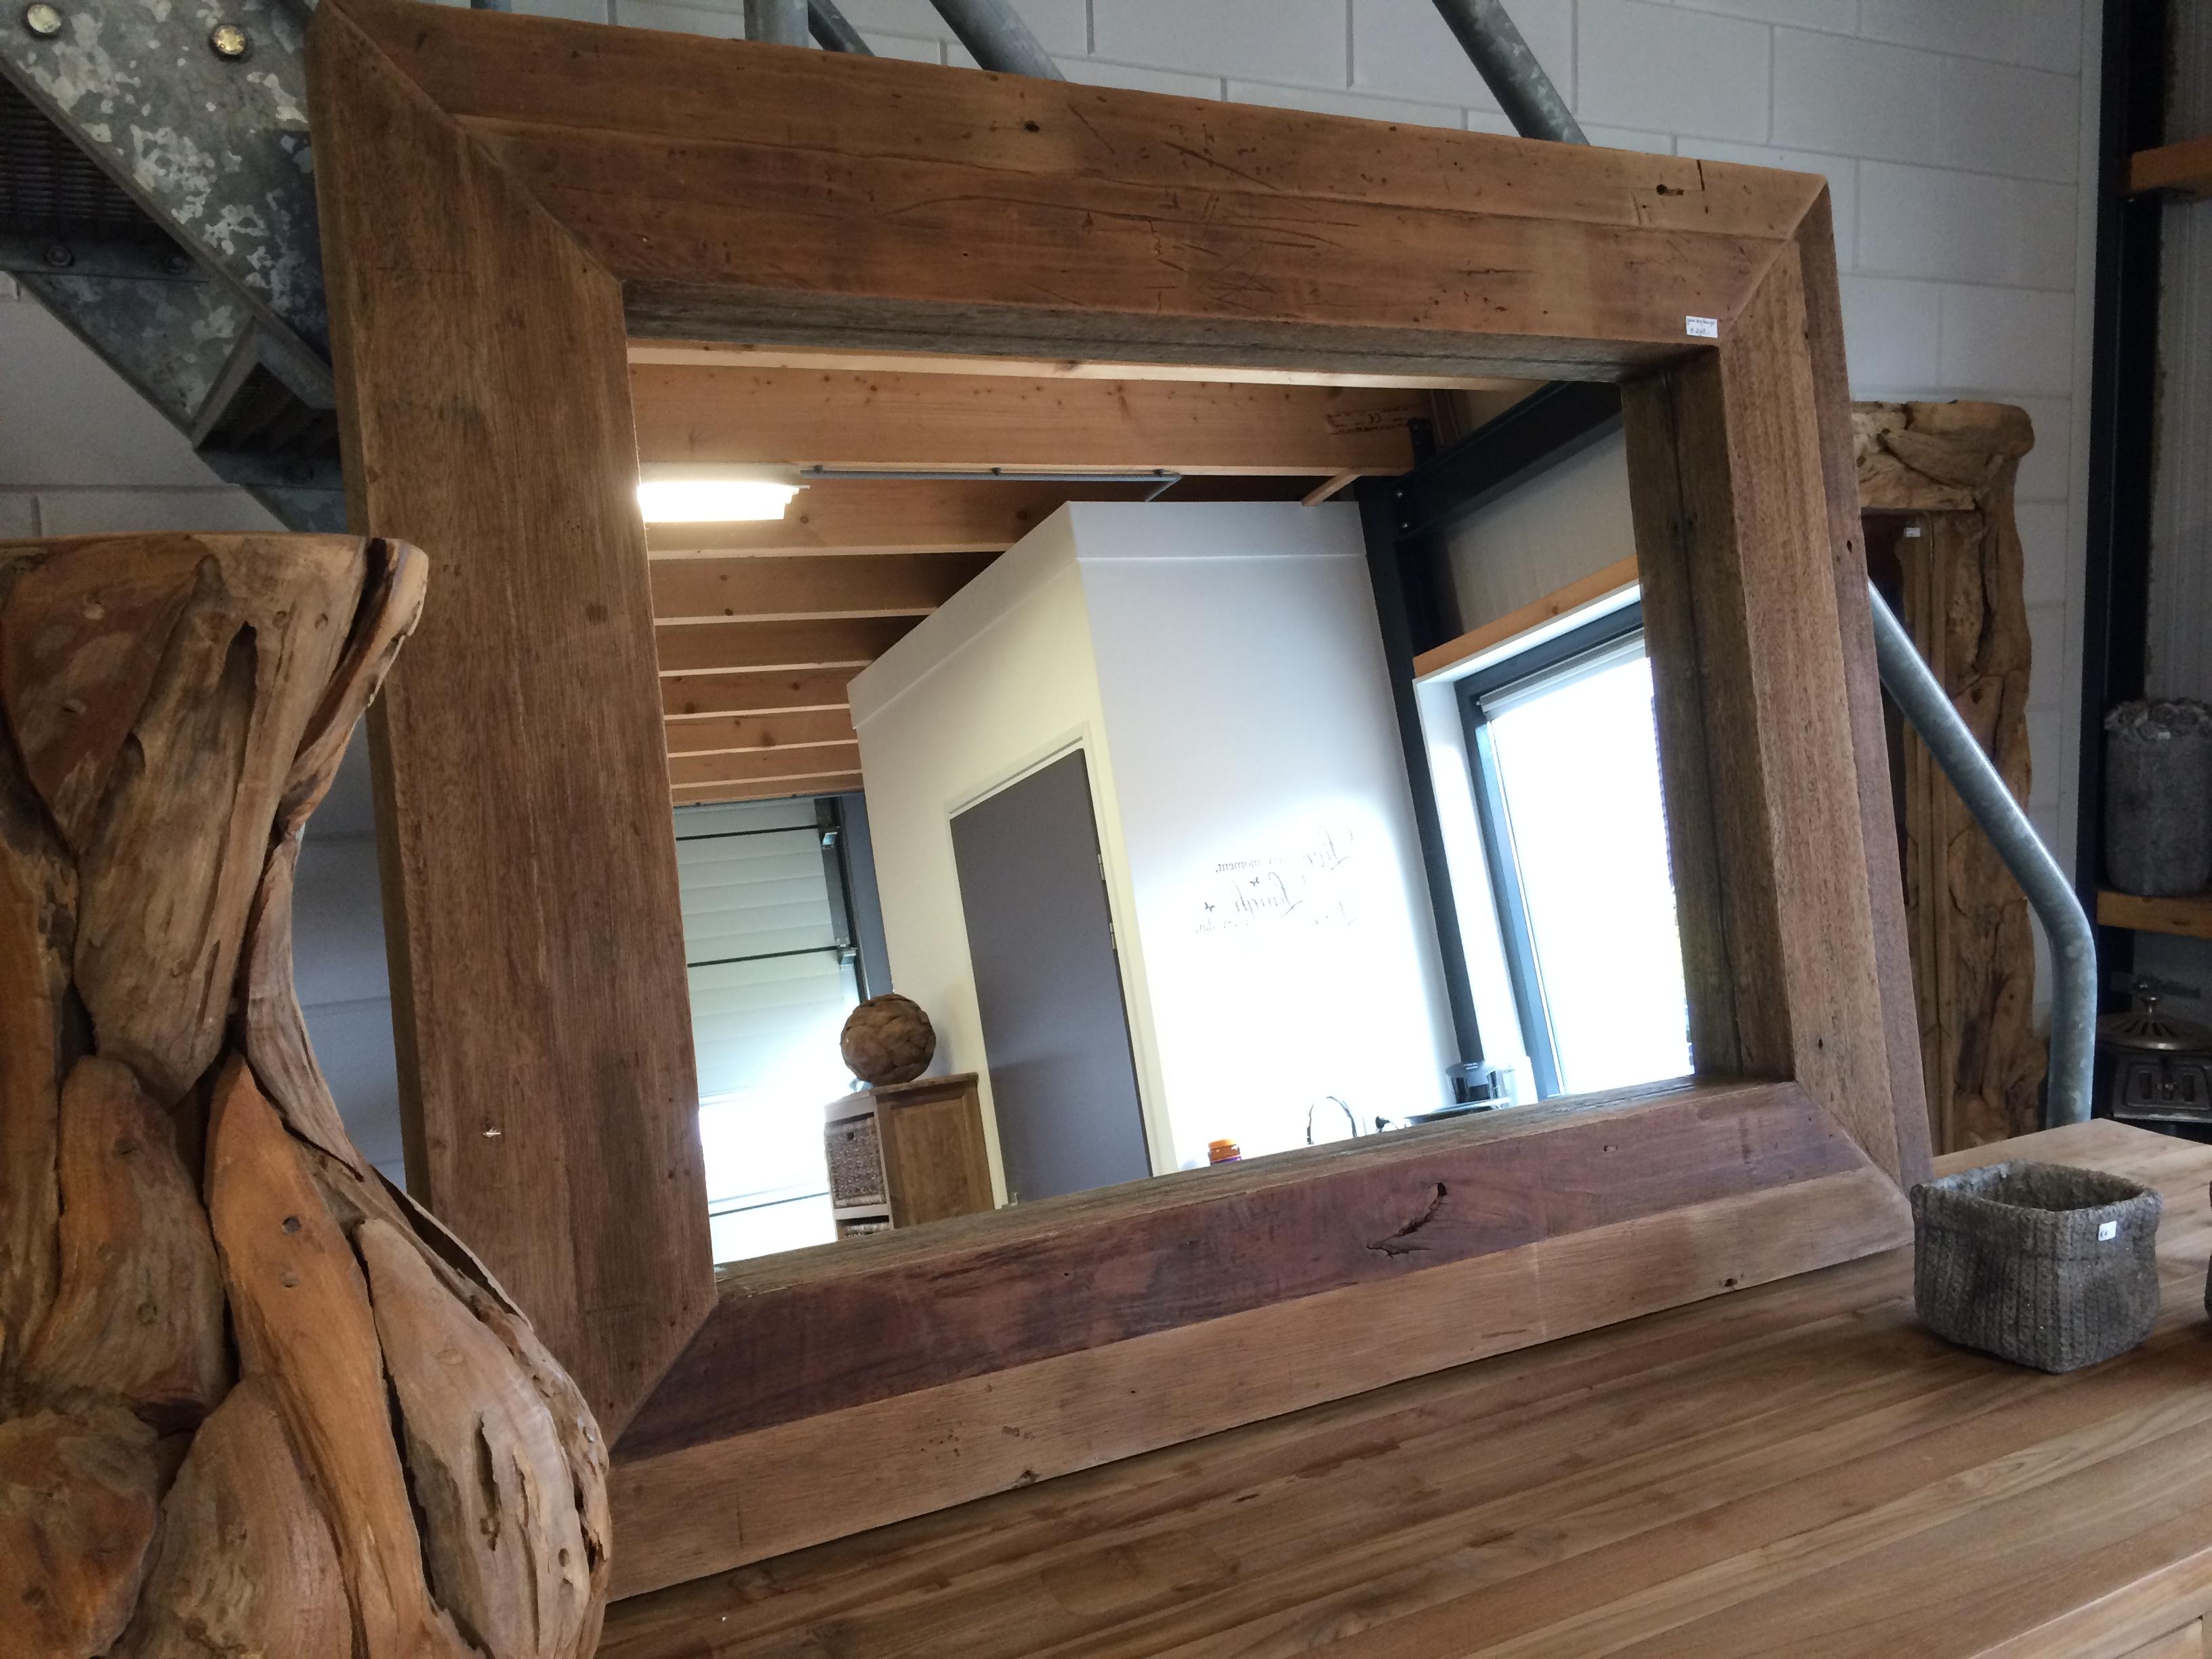 Grote Spiegel Hout : Genoeg spiegel met robuuste houten lijst tw u blessingbox